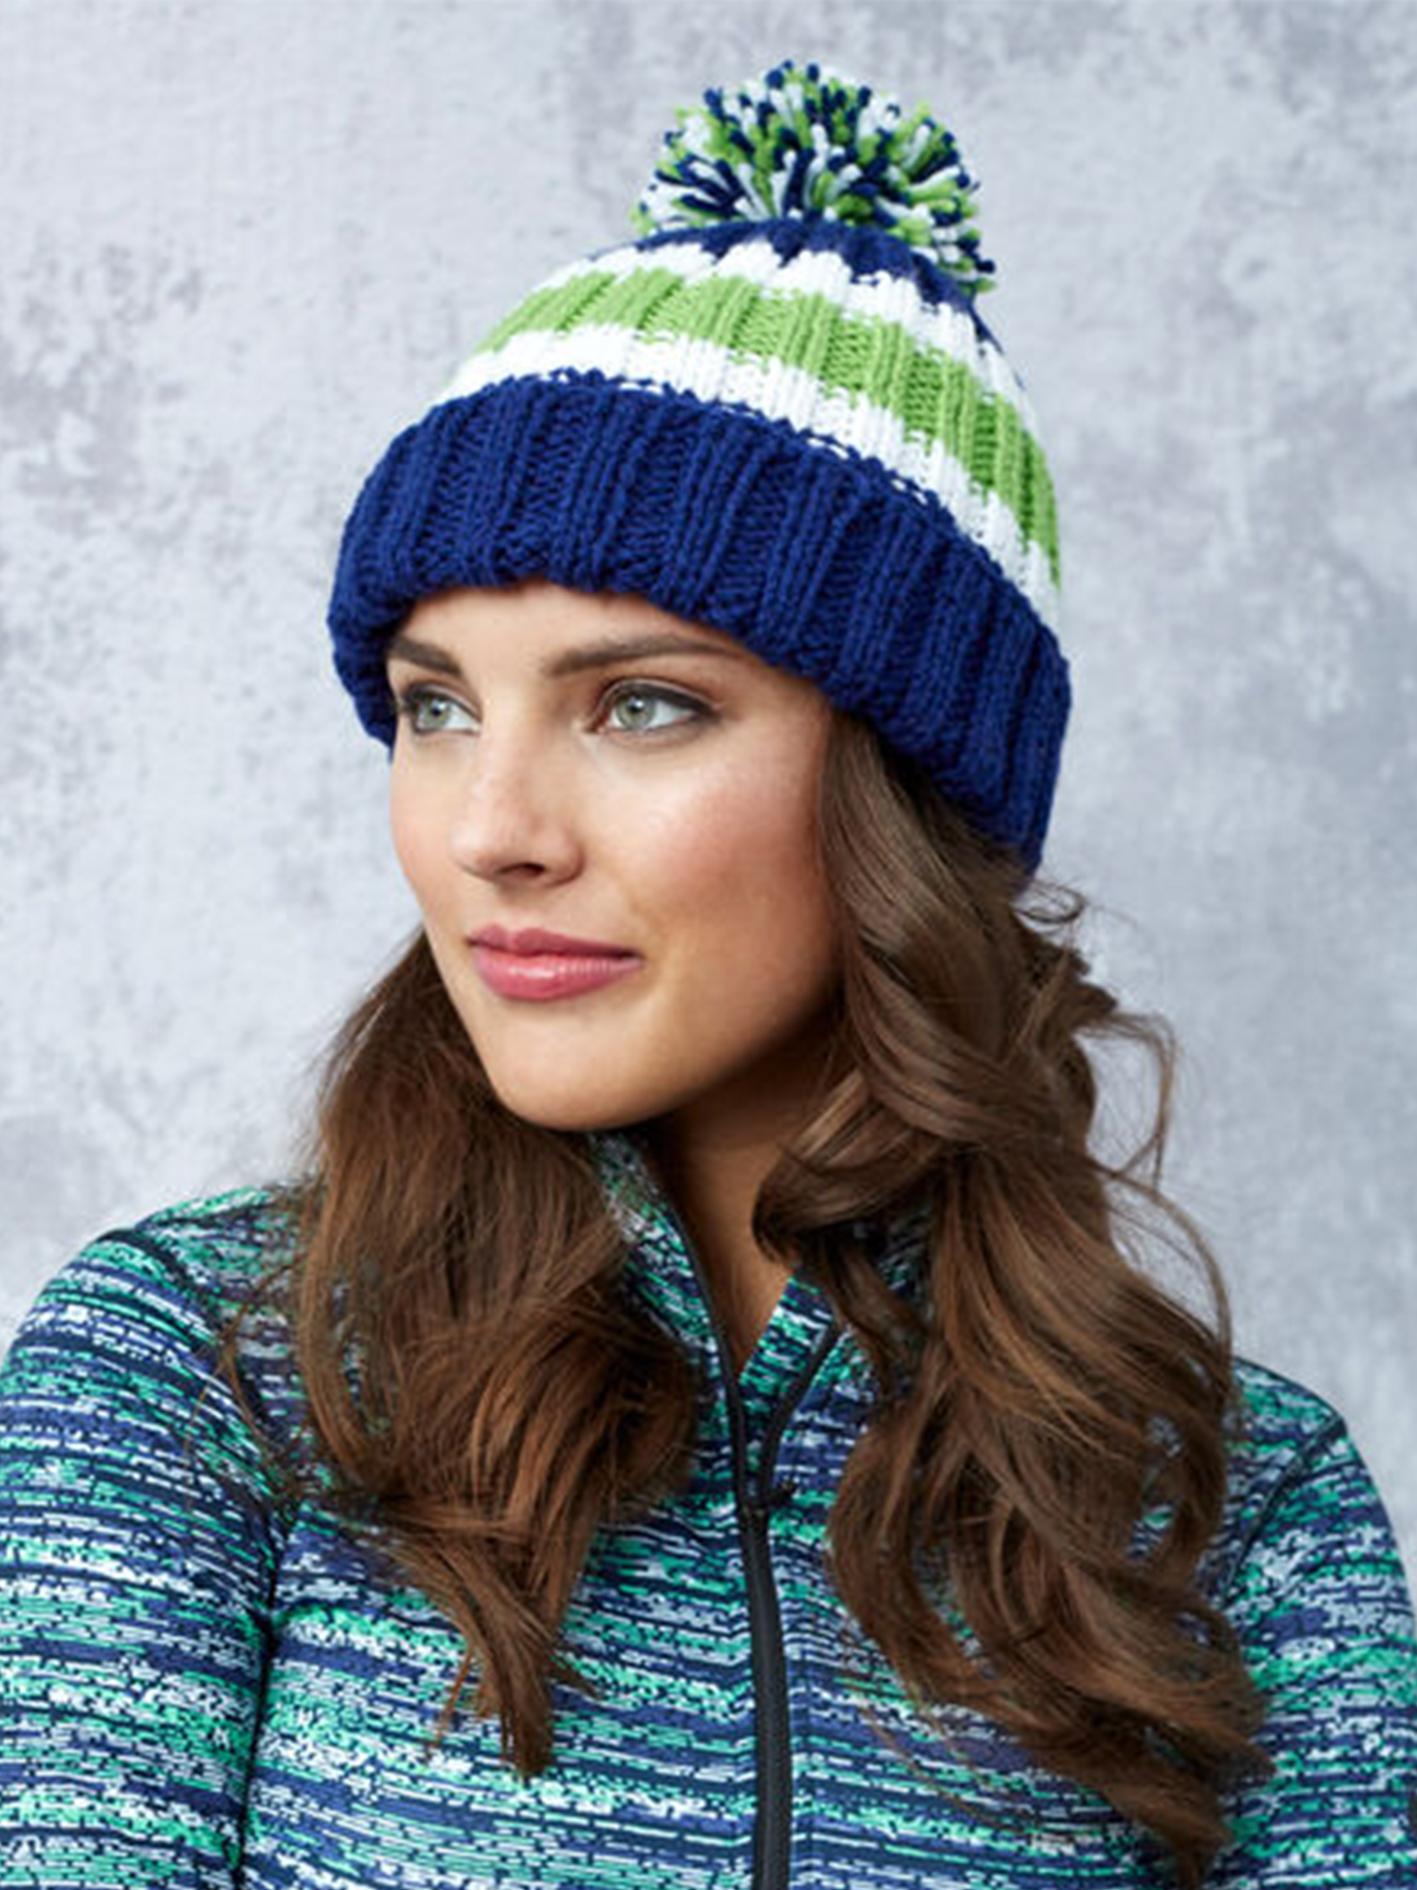 30-free-crochet-beanie-pattern-best-crochet-hat-model-ideas-ever-2019